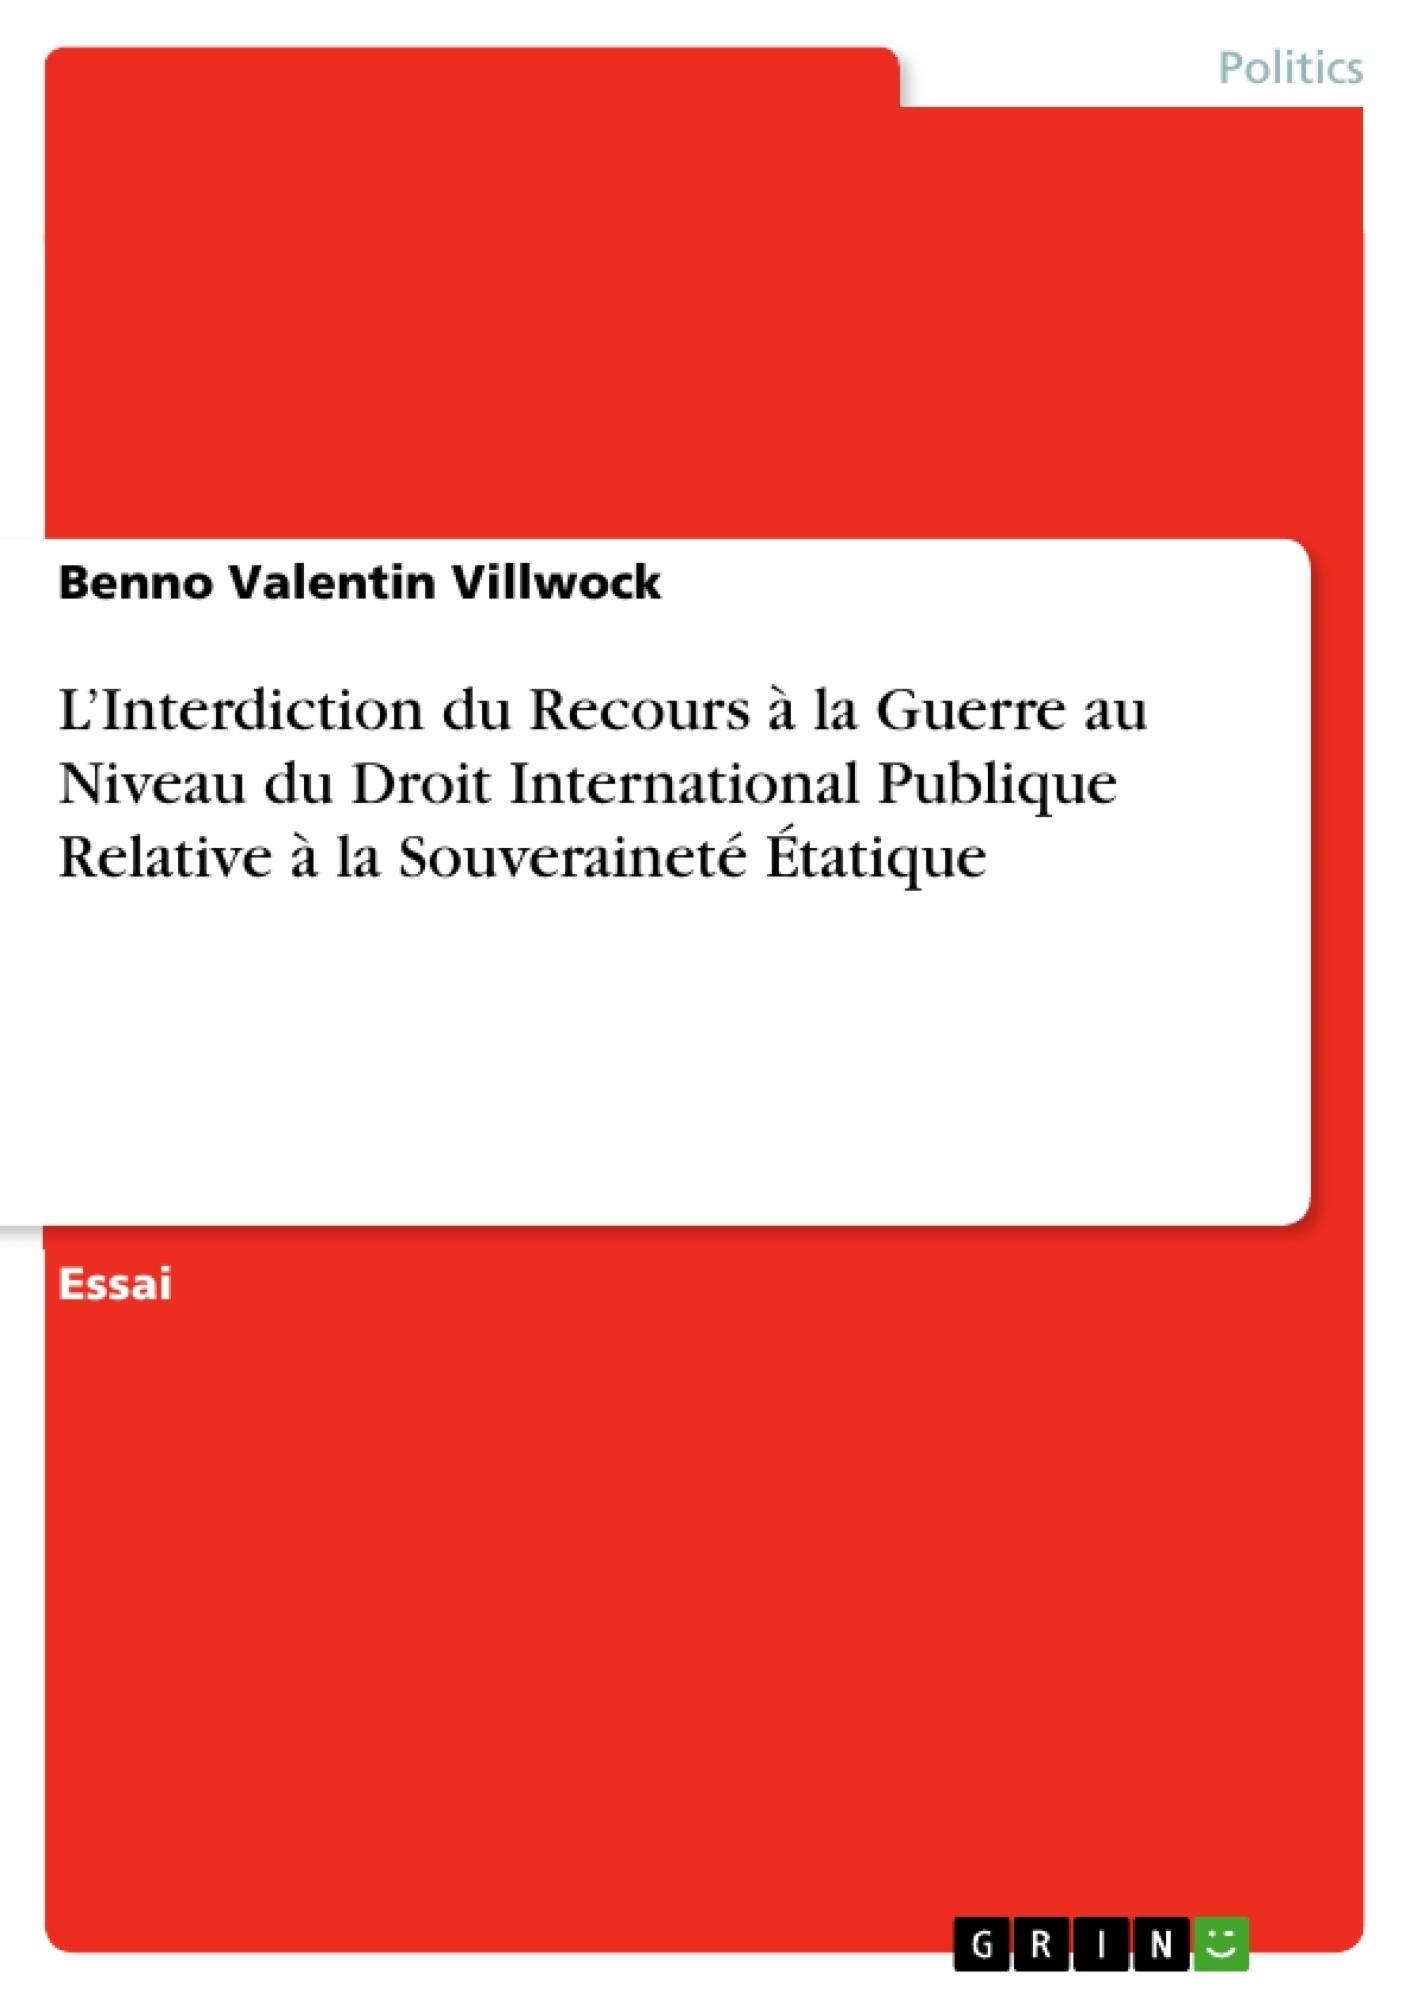 Titre: L'Interdiction du Recours à la Guerre au Niveau du Droit International Publique Relative à la Souveraineté Étatique